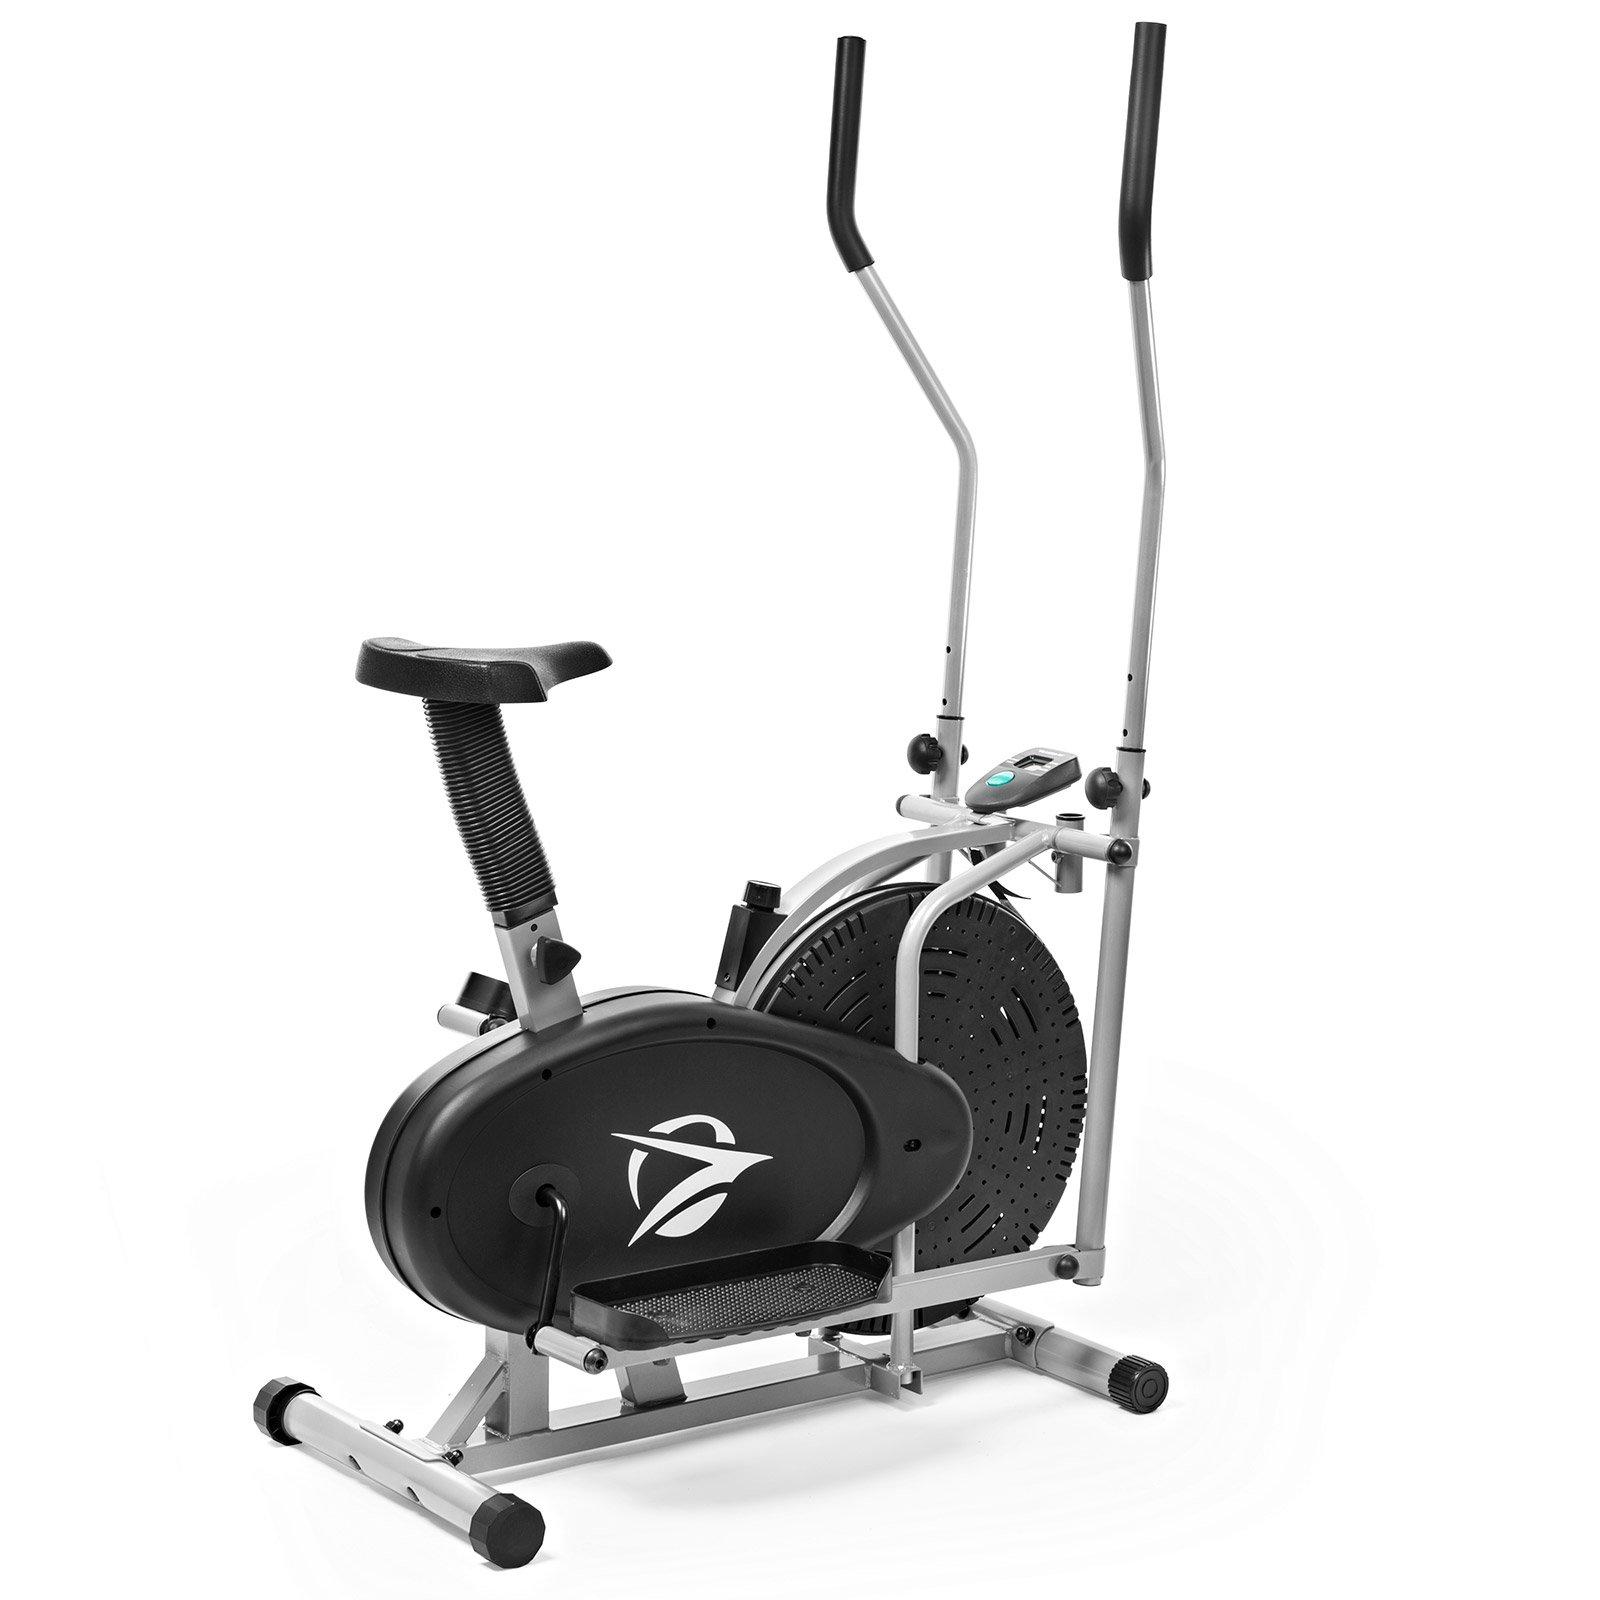 Desconocido Plasma para máquina elíptica Entrenador 2 en 1 Bicicleta estática Cardio Fitness Gimnasio en casa Equipo de Entrenamiento: Amazon.es: Deportes y aire libre